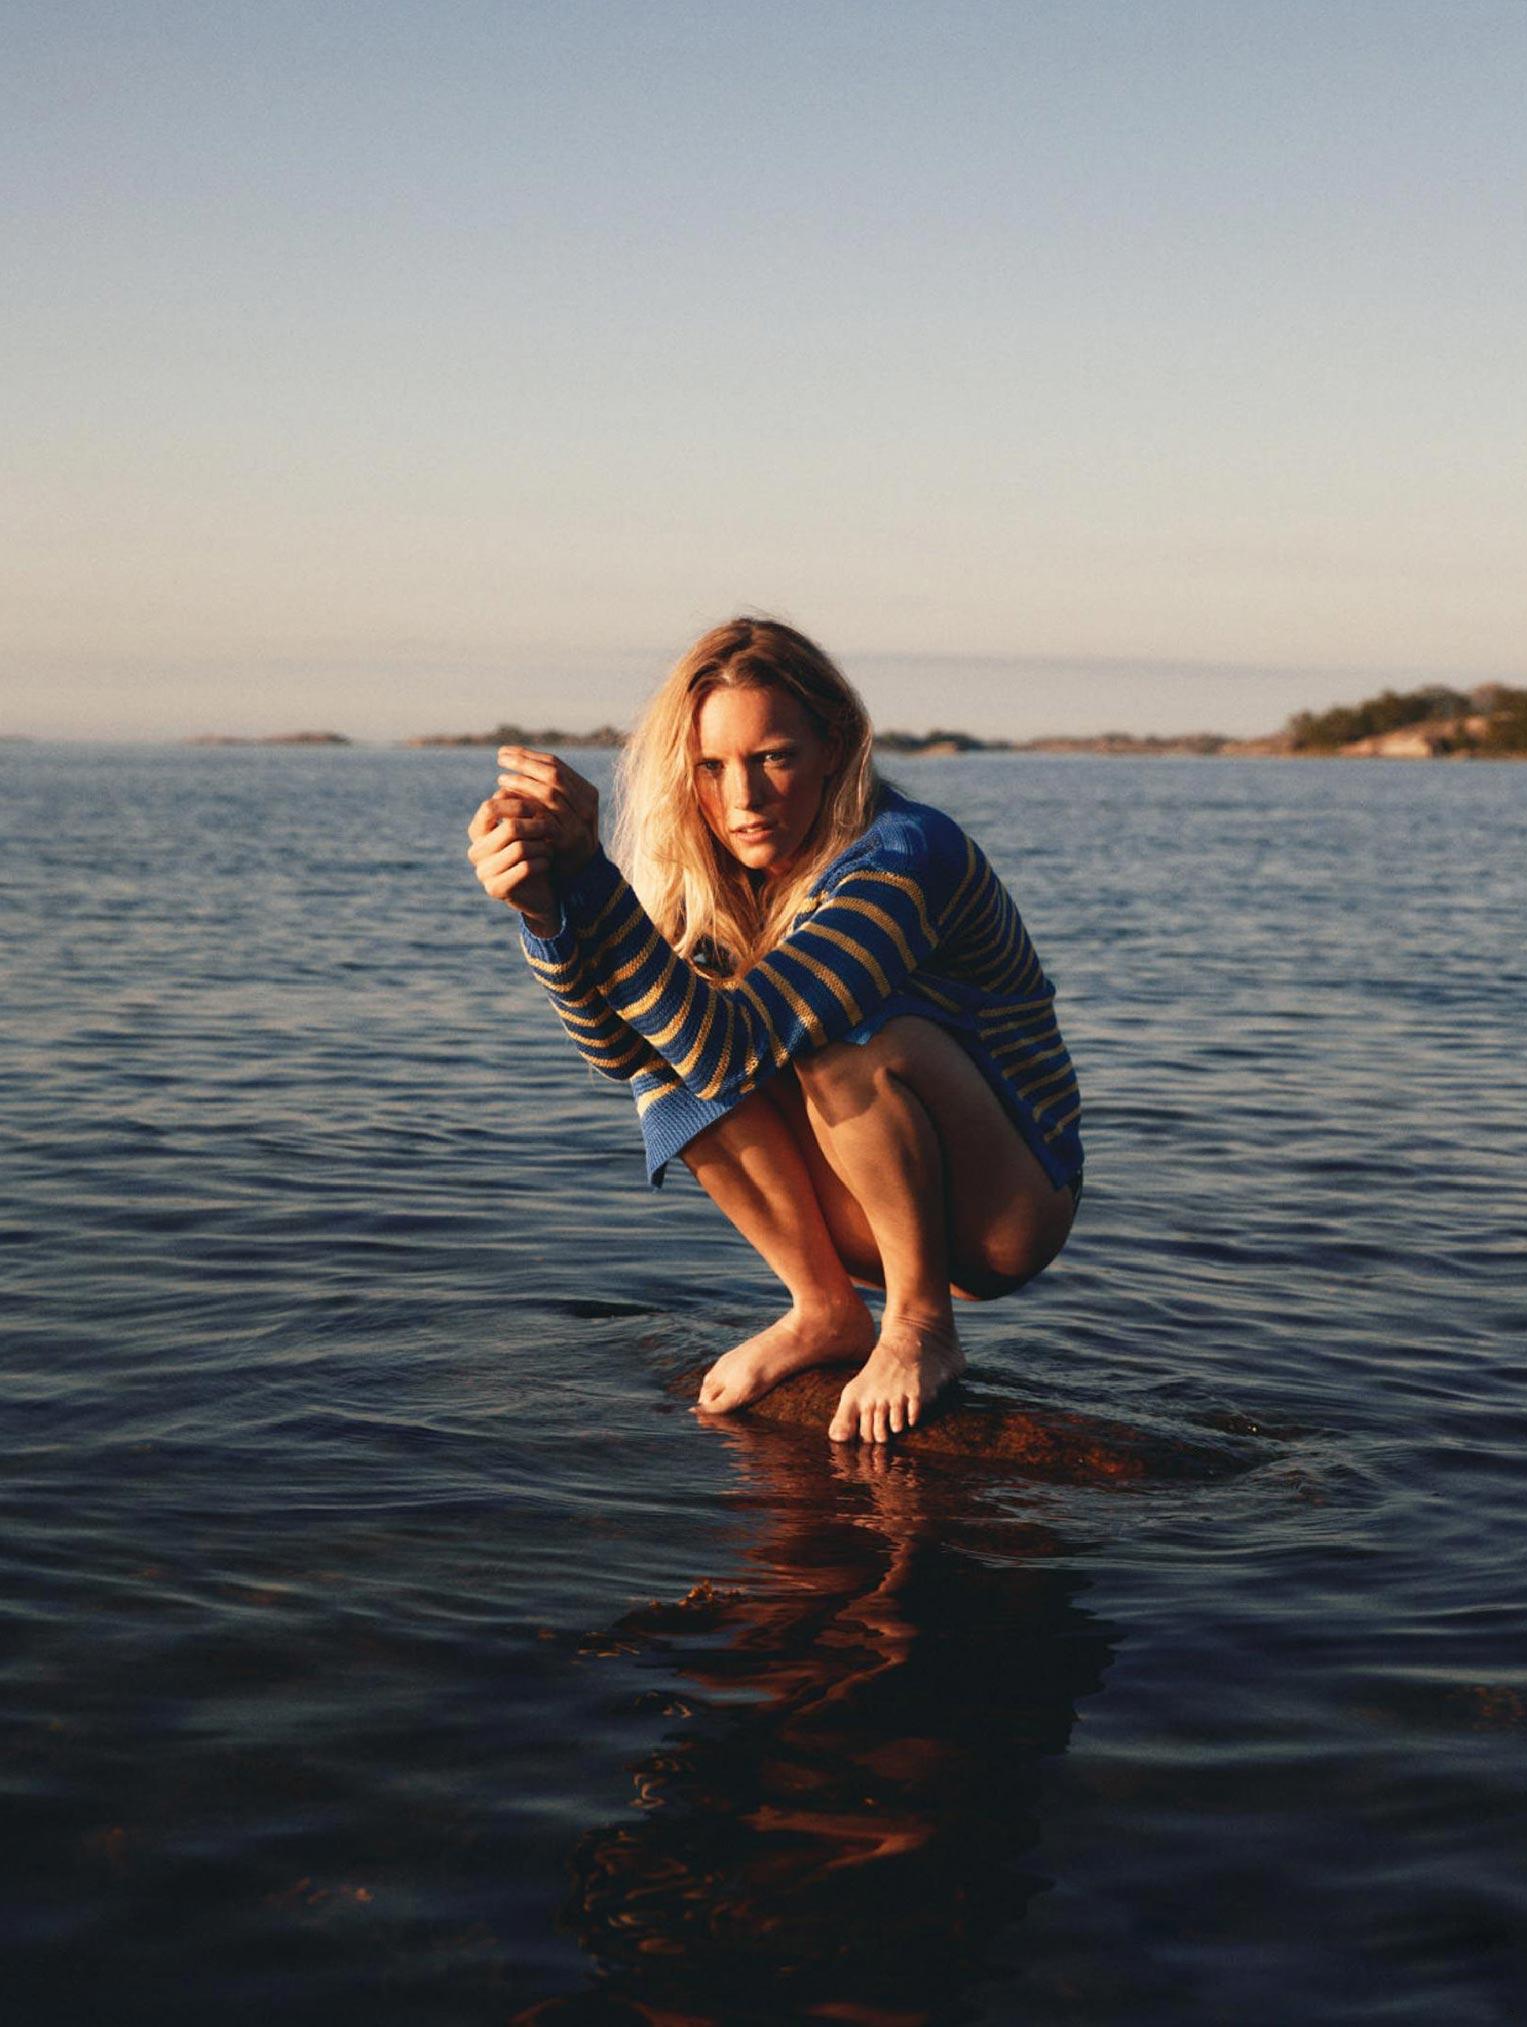 Бразильская модель в гостях у шведской - Эрика Линдер и Ракель Циммерман / фото 21